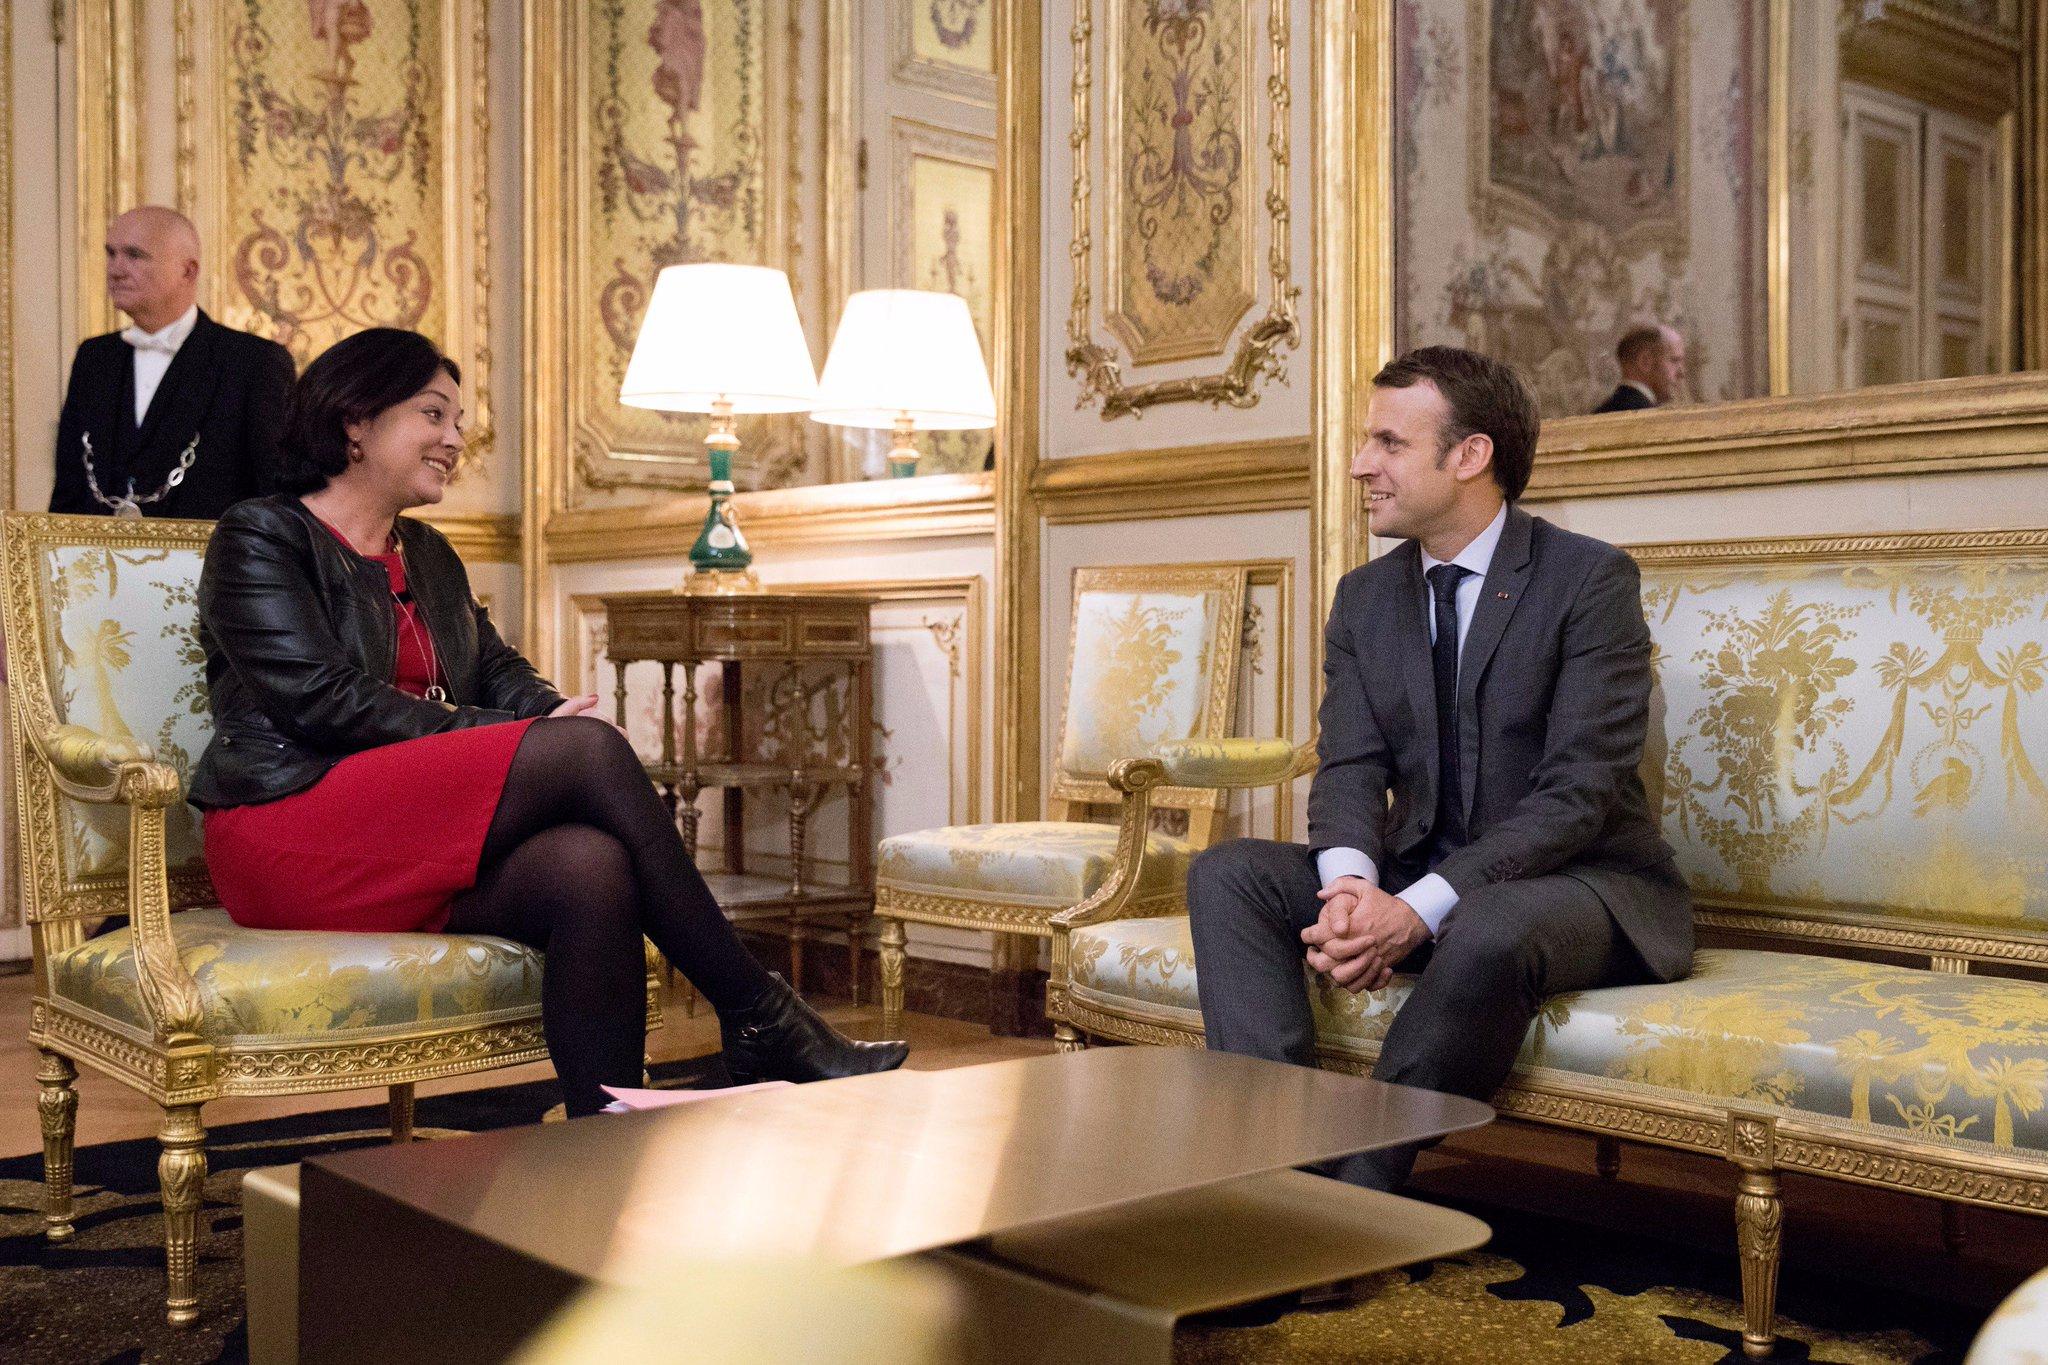 Avec @SylviaPinel, Présidente du Parti radical de gauche. https://t.co/JzP3QV639j